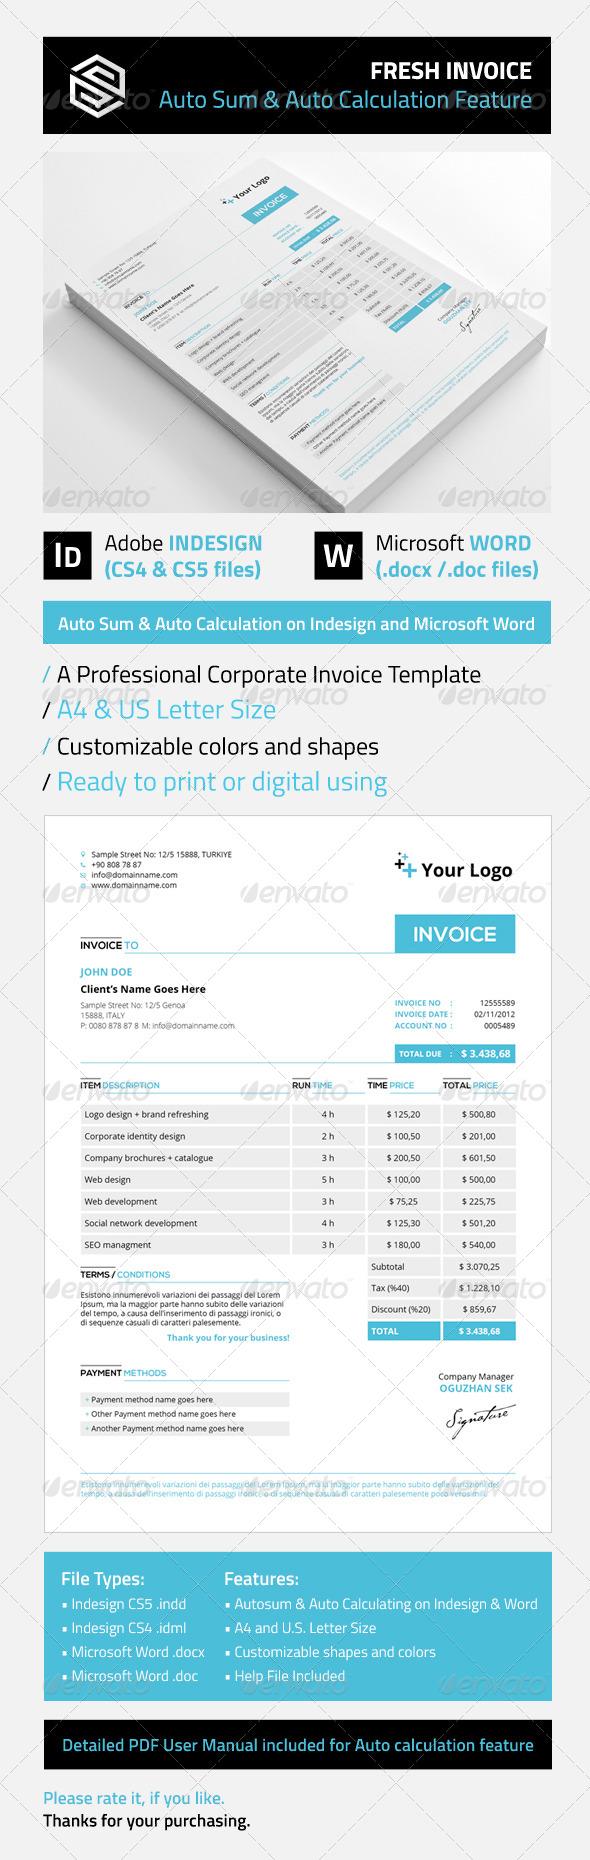 GraphicRiver Fresh Invoice 5411697